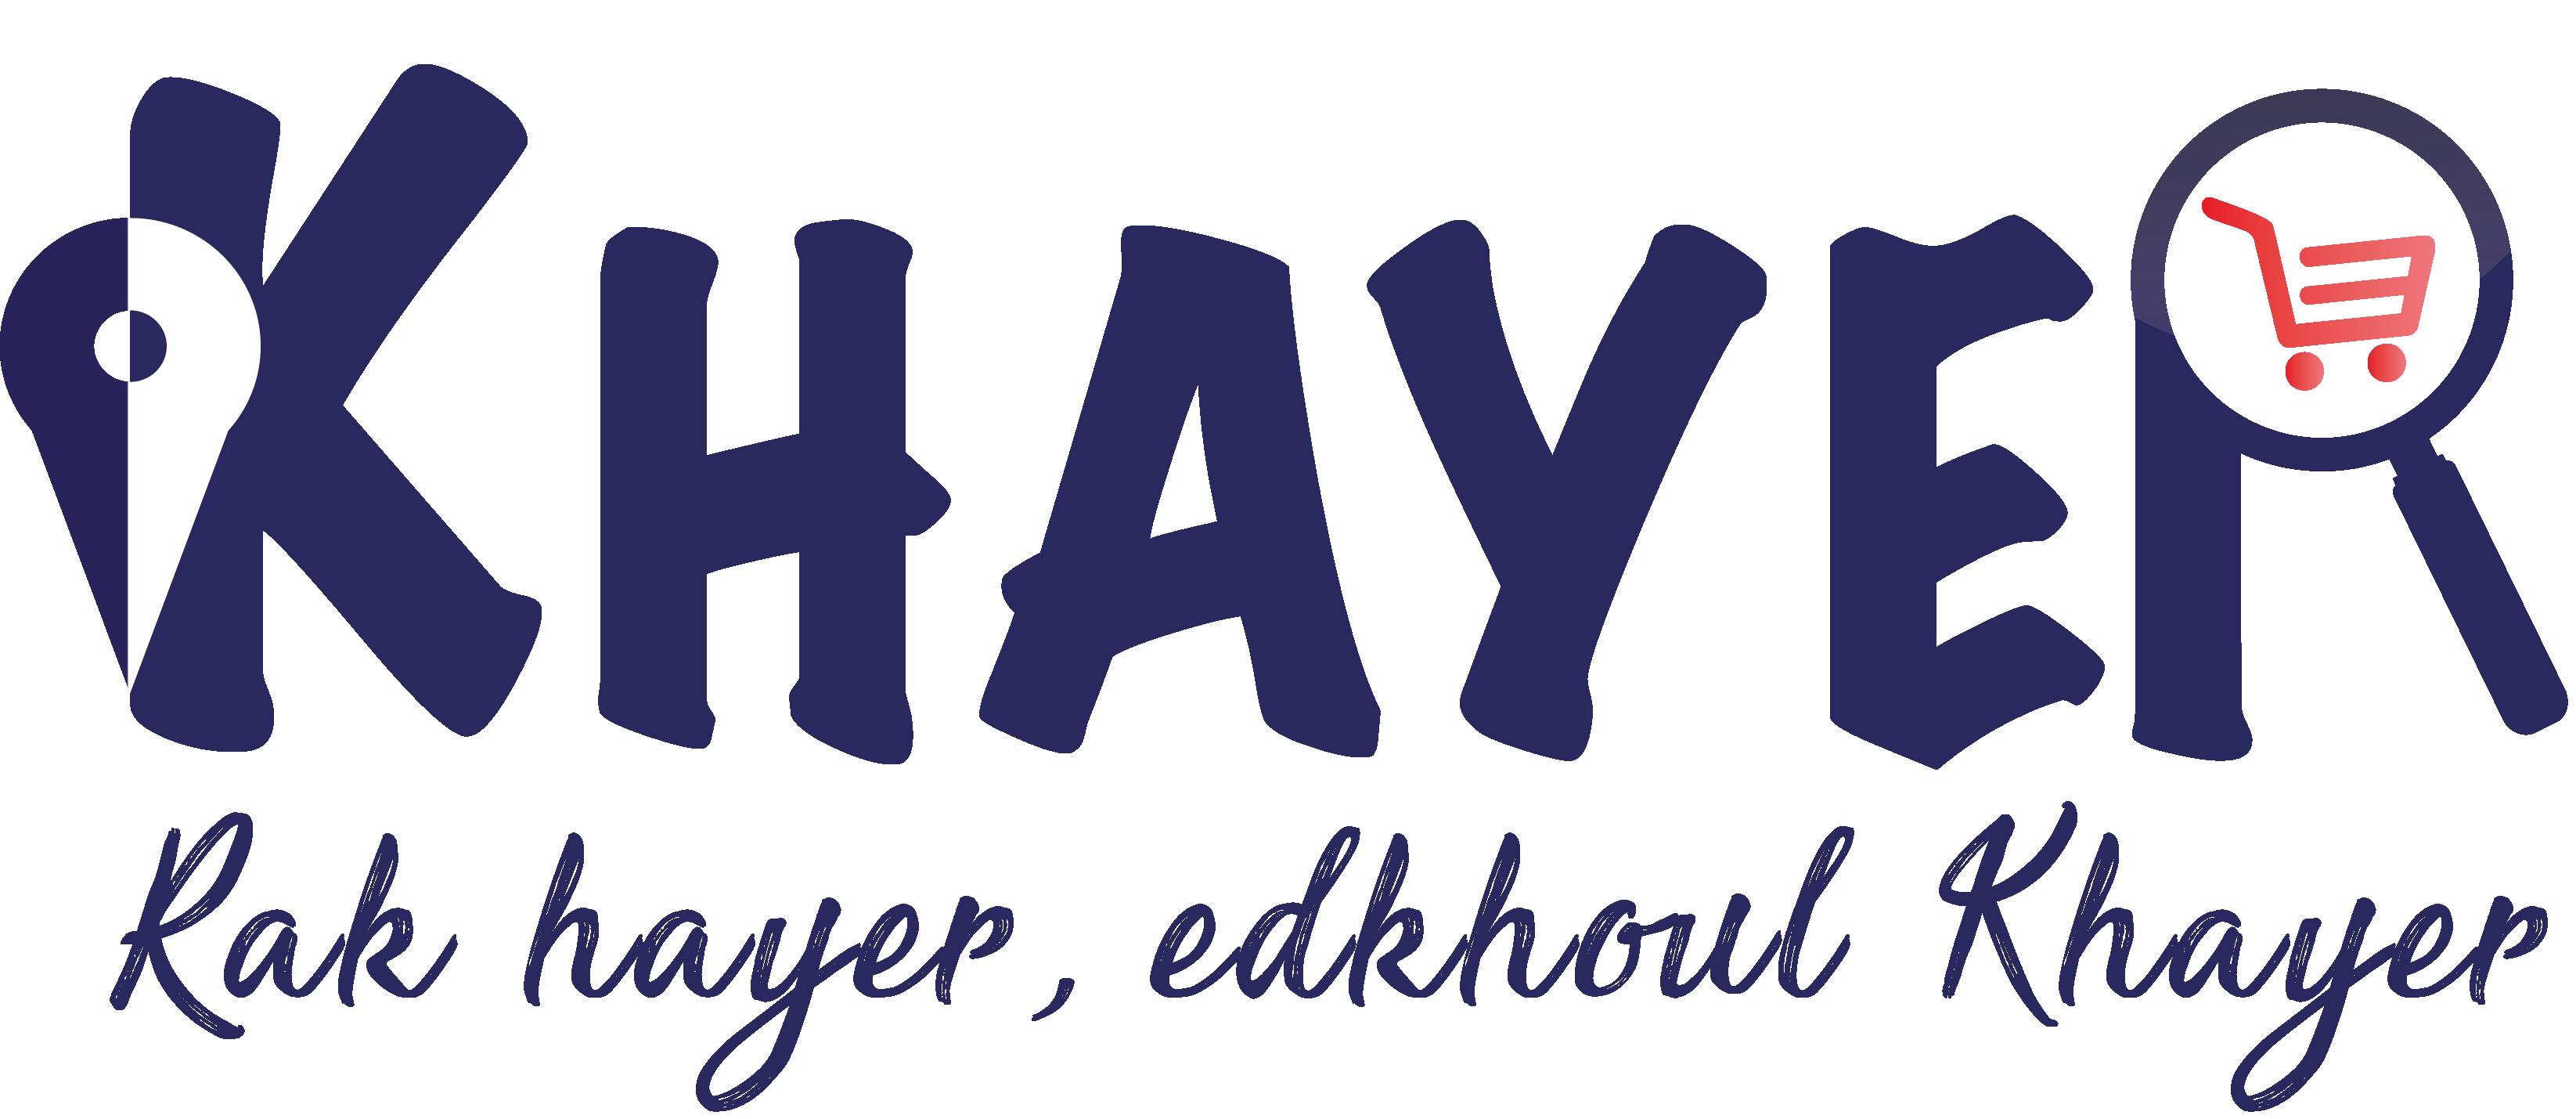 logo nkheyer made in freehali freelance algerie